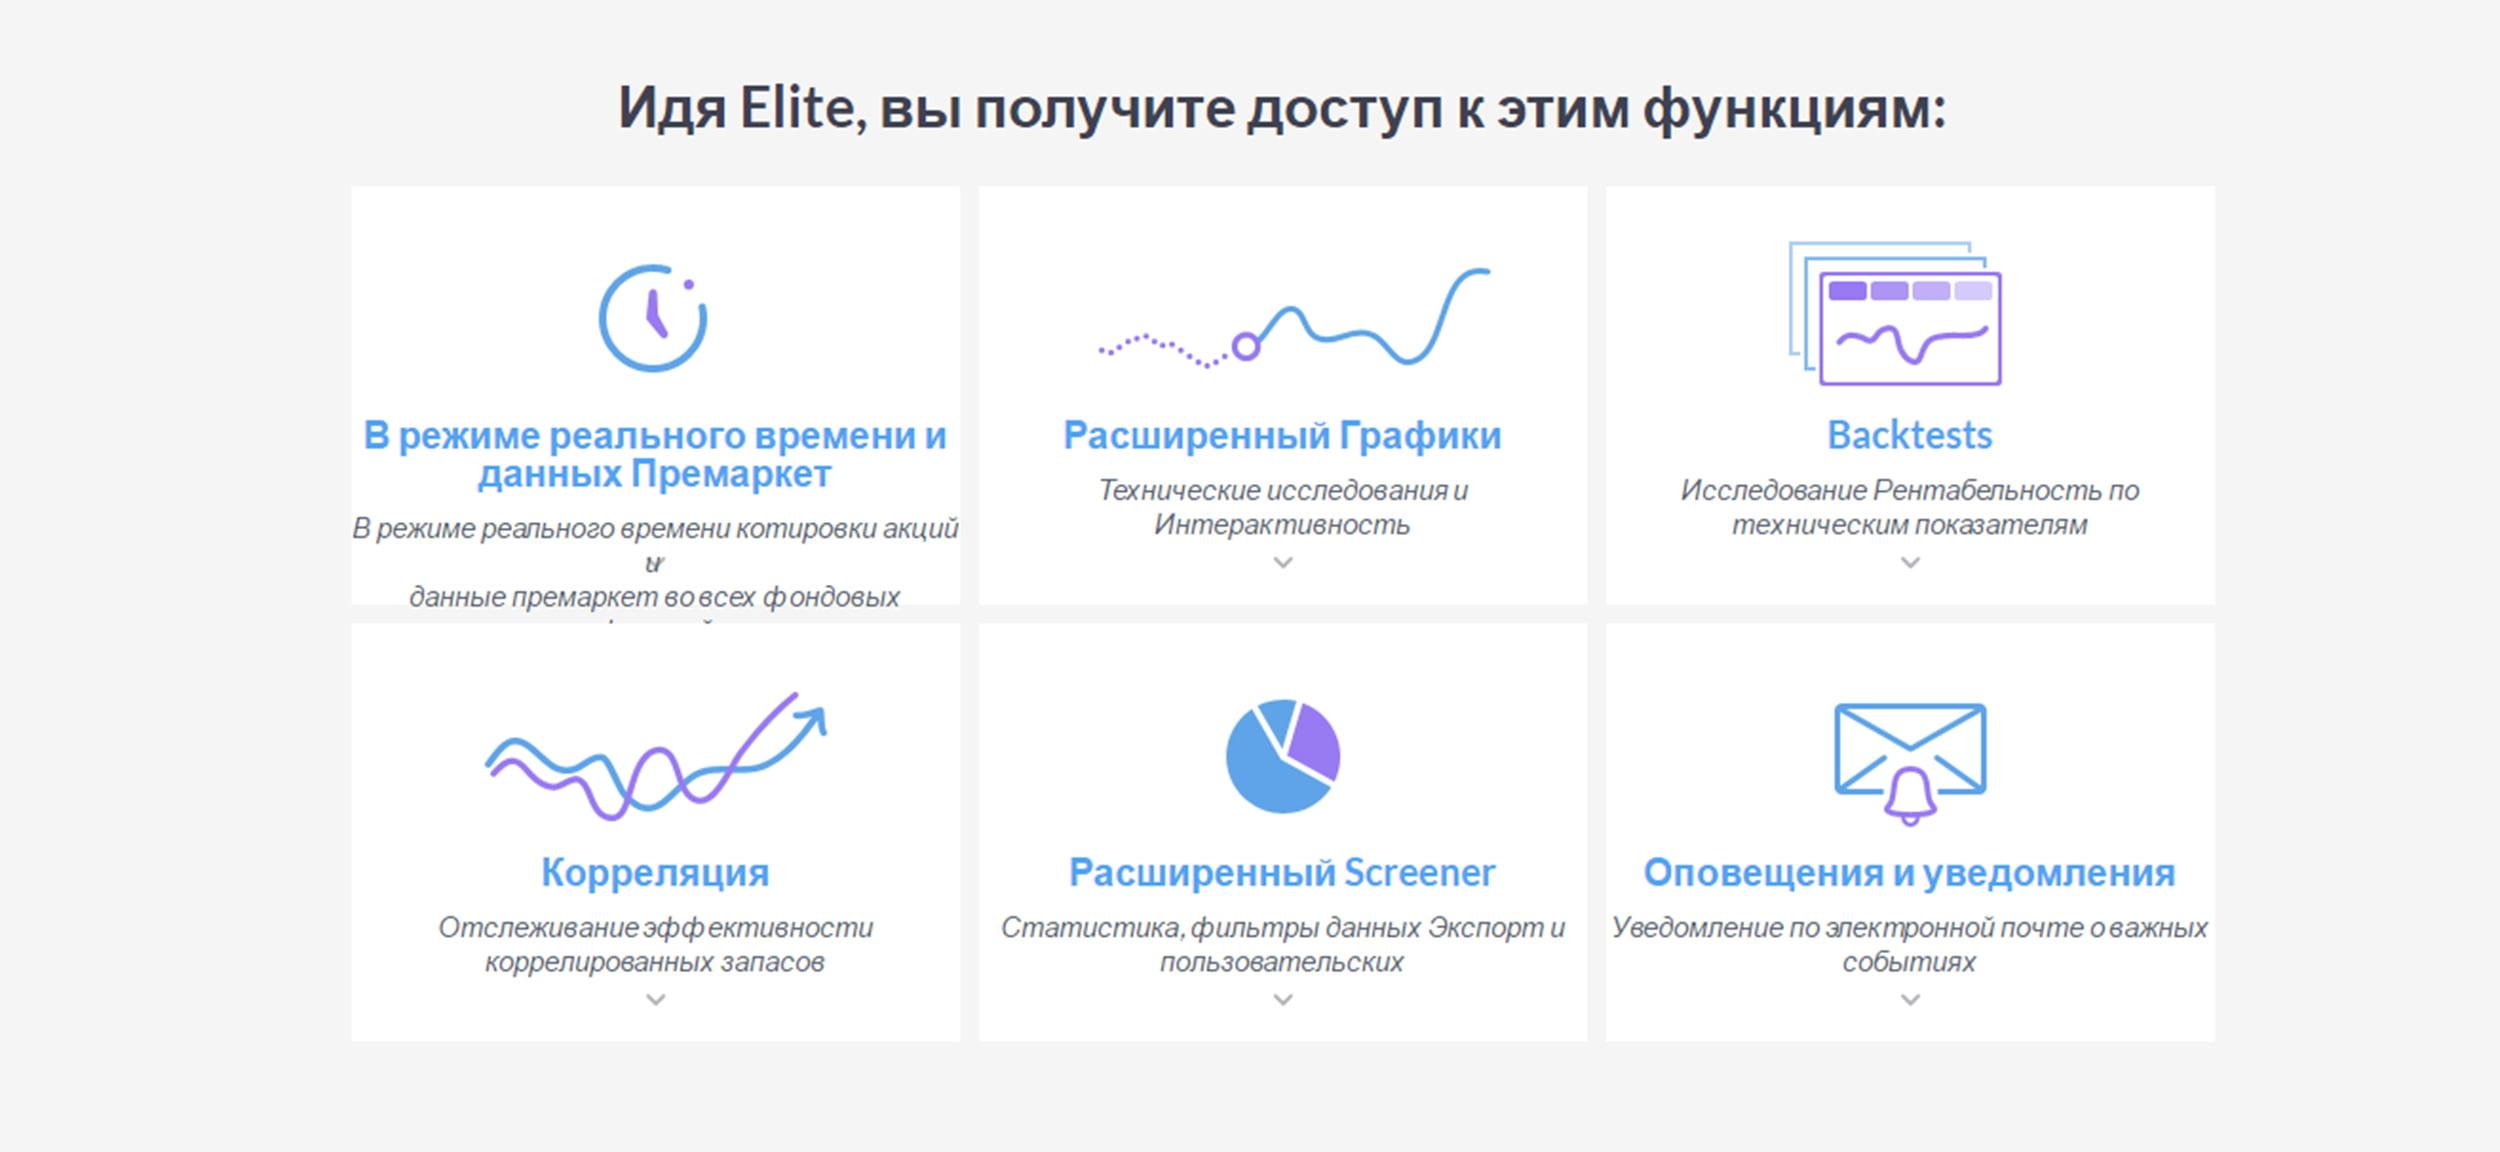 Backtests и Elite на finviz.com